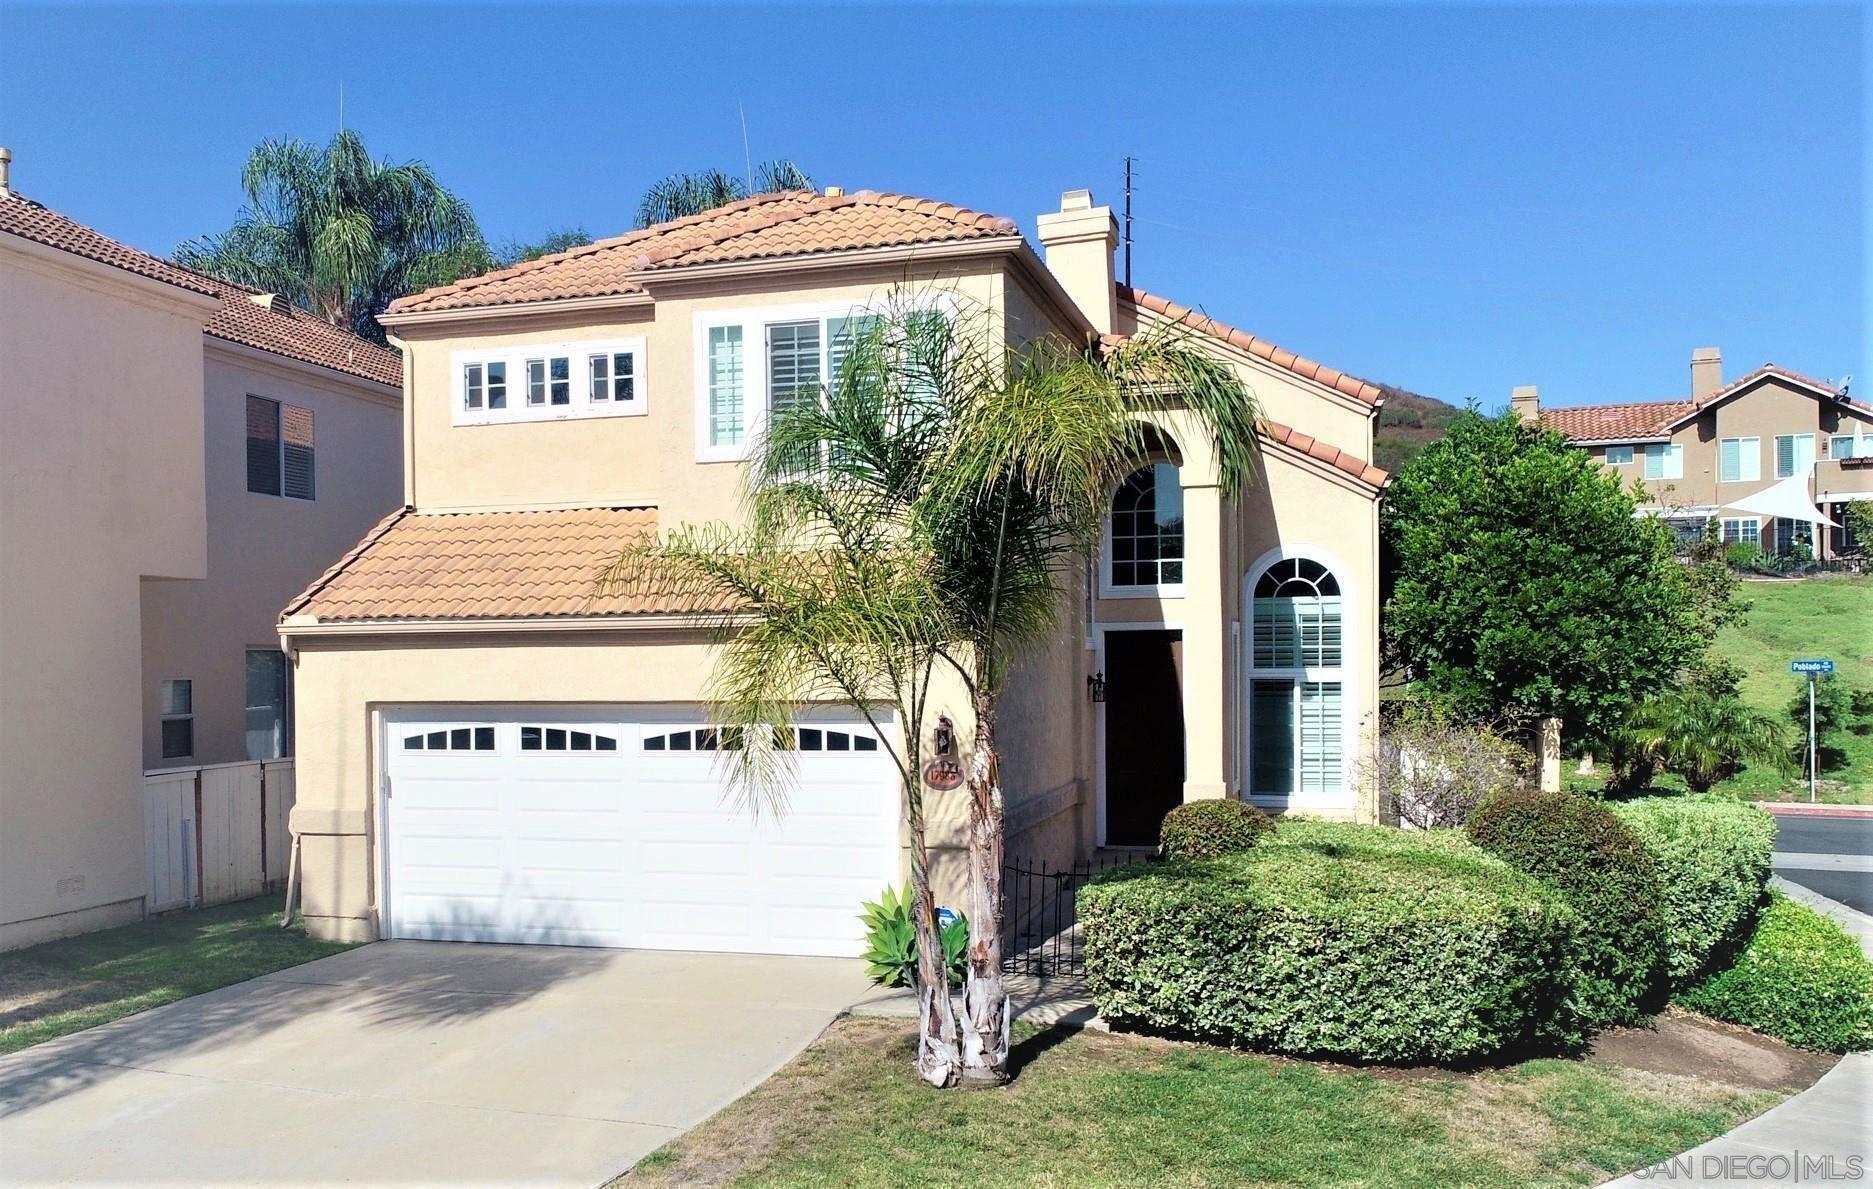 17988 Pueblo Vista Ln, San Diego, CA 92127 - MLS#: 210020750